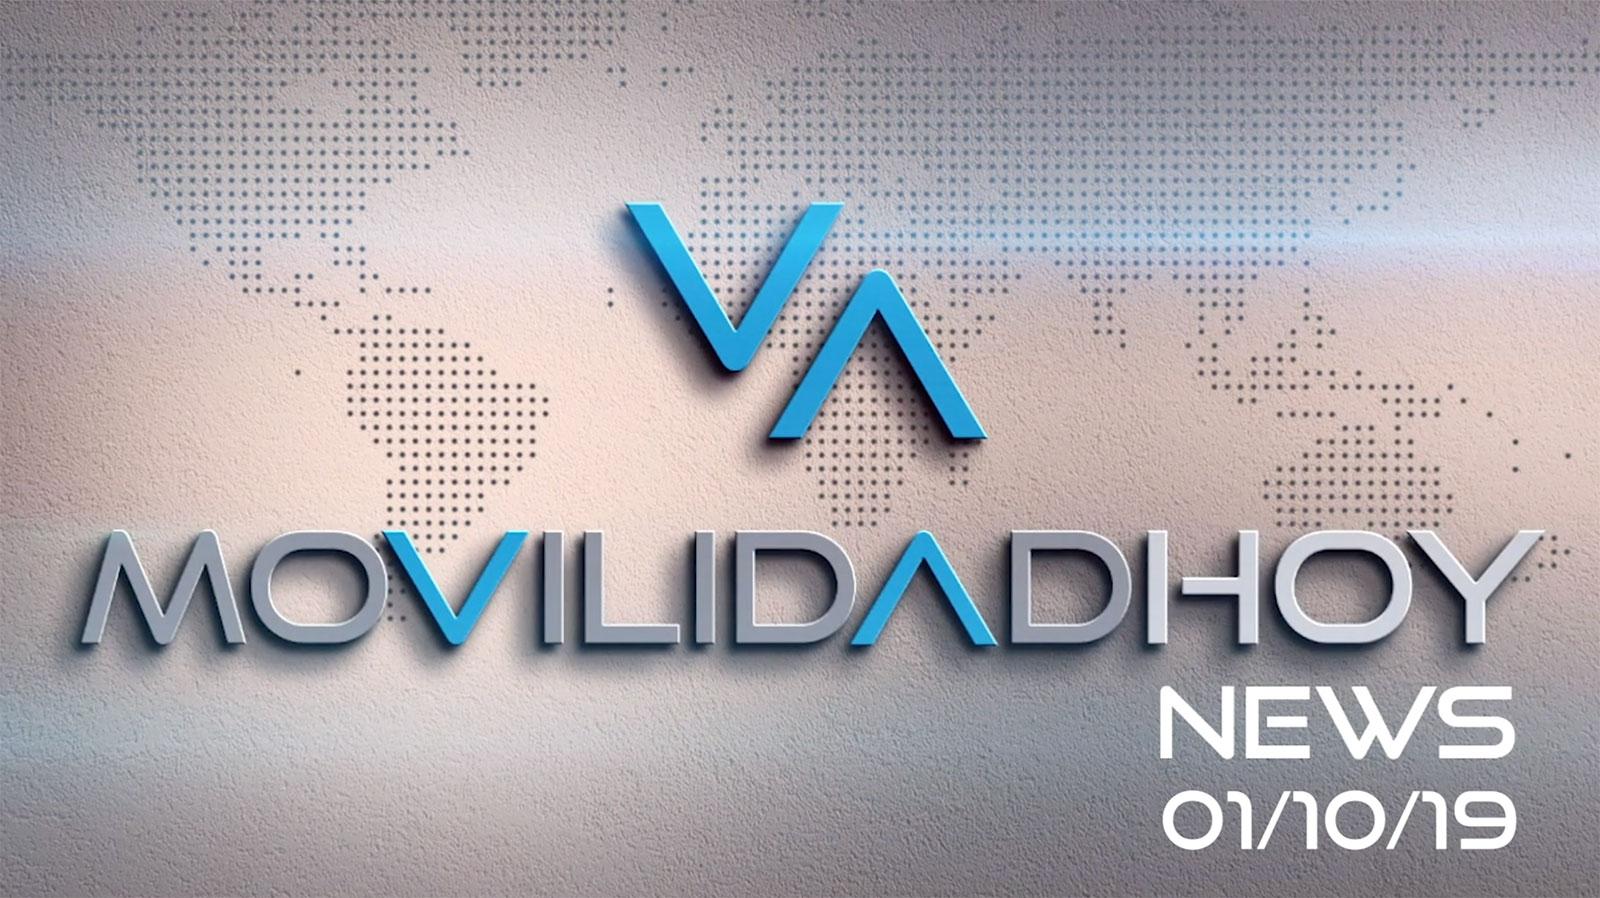 MovilidadHoy News - Mercedes PHEV